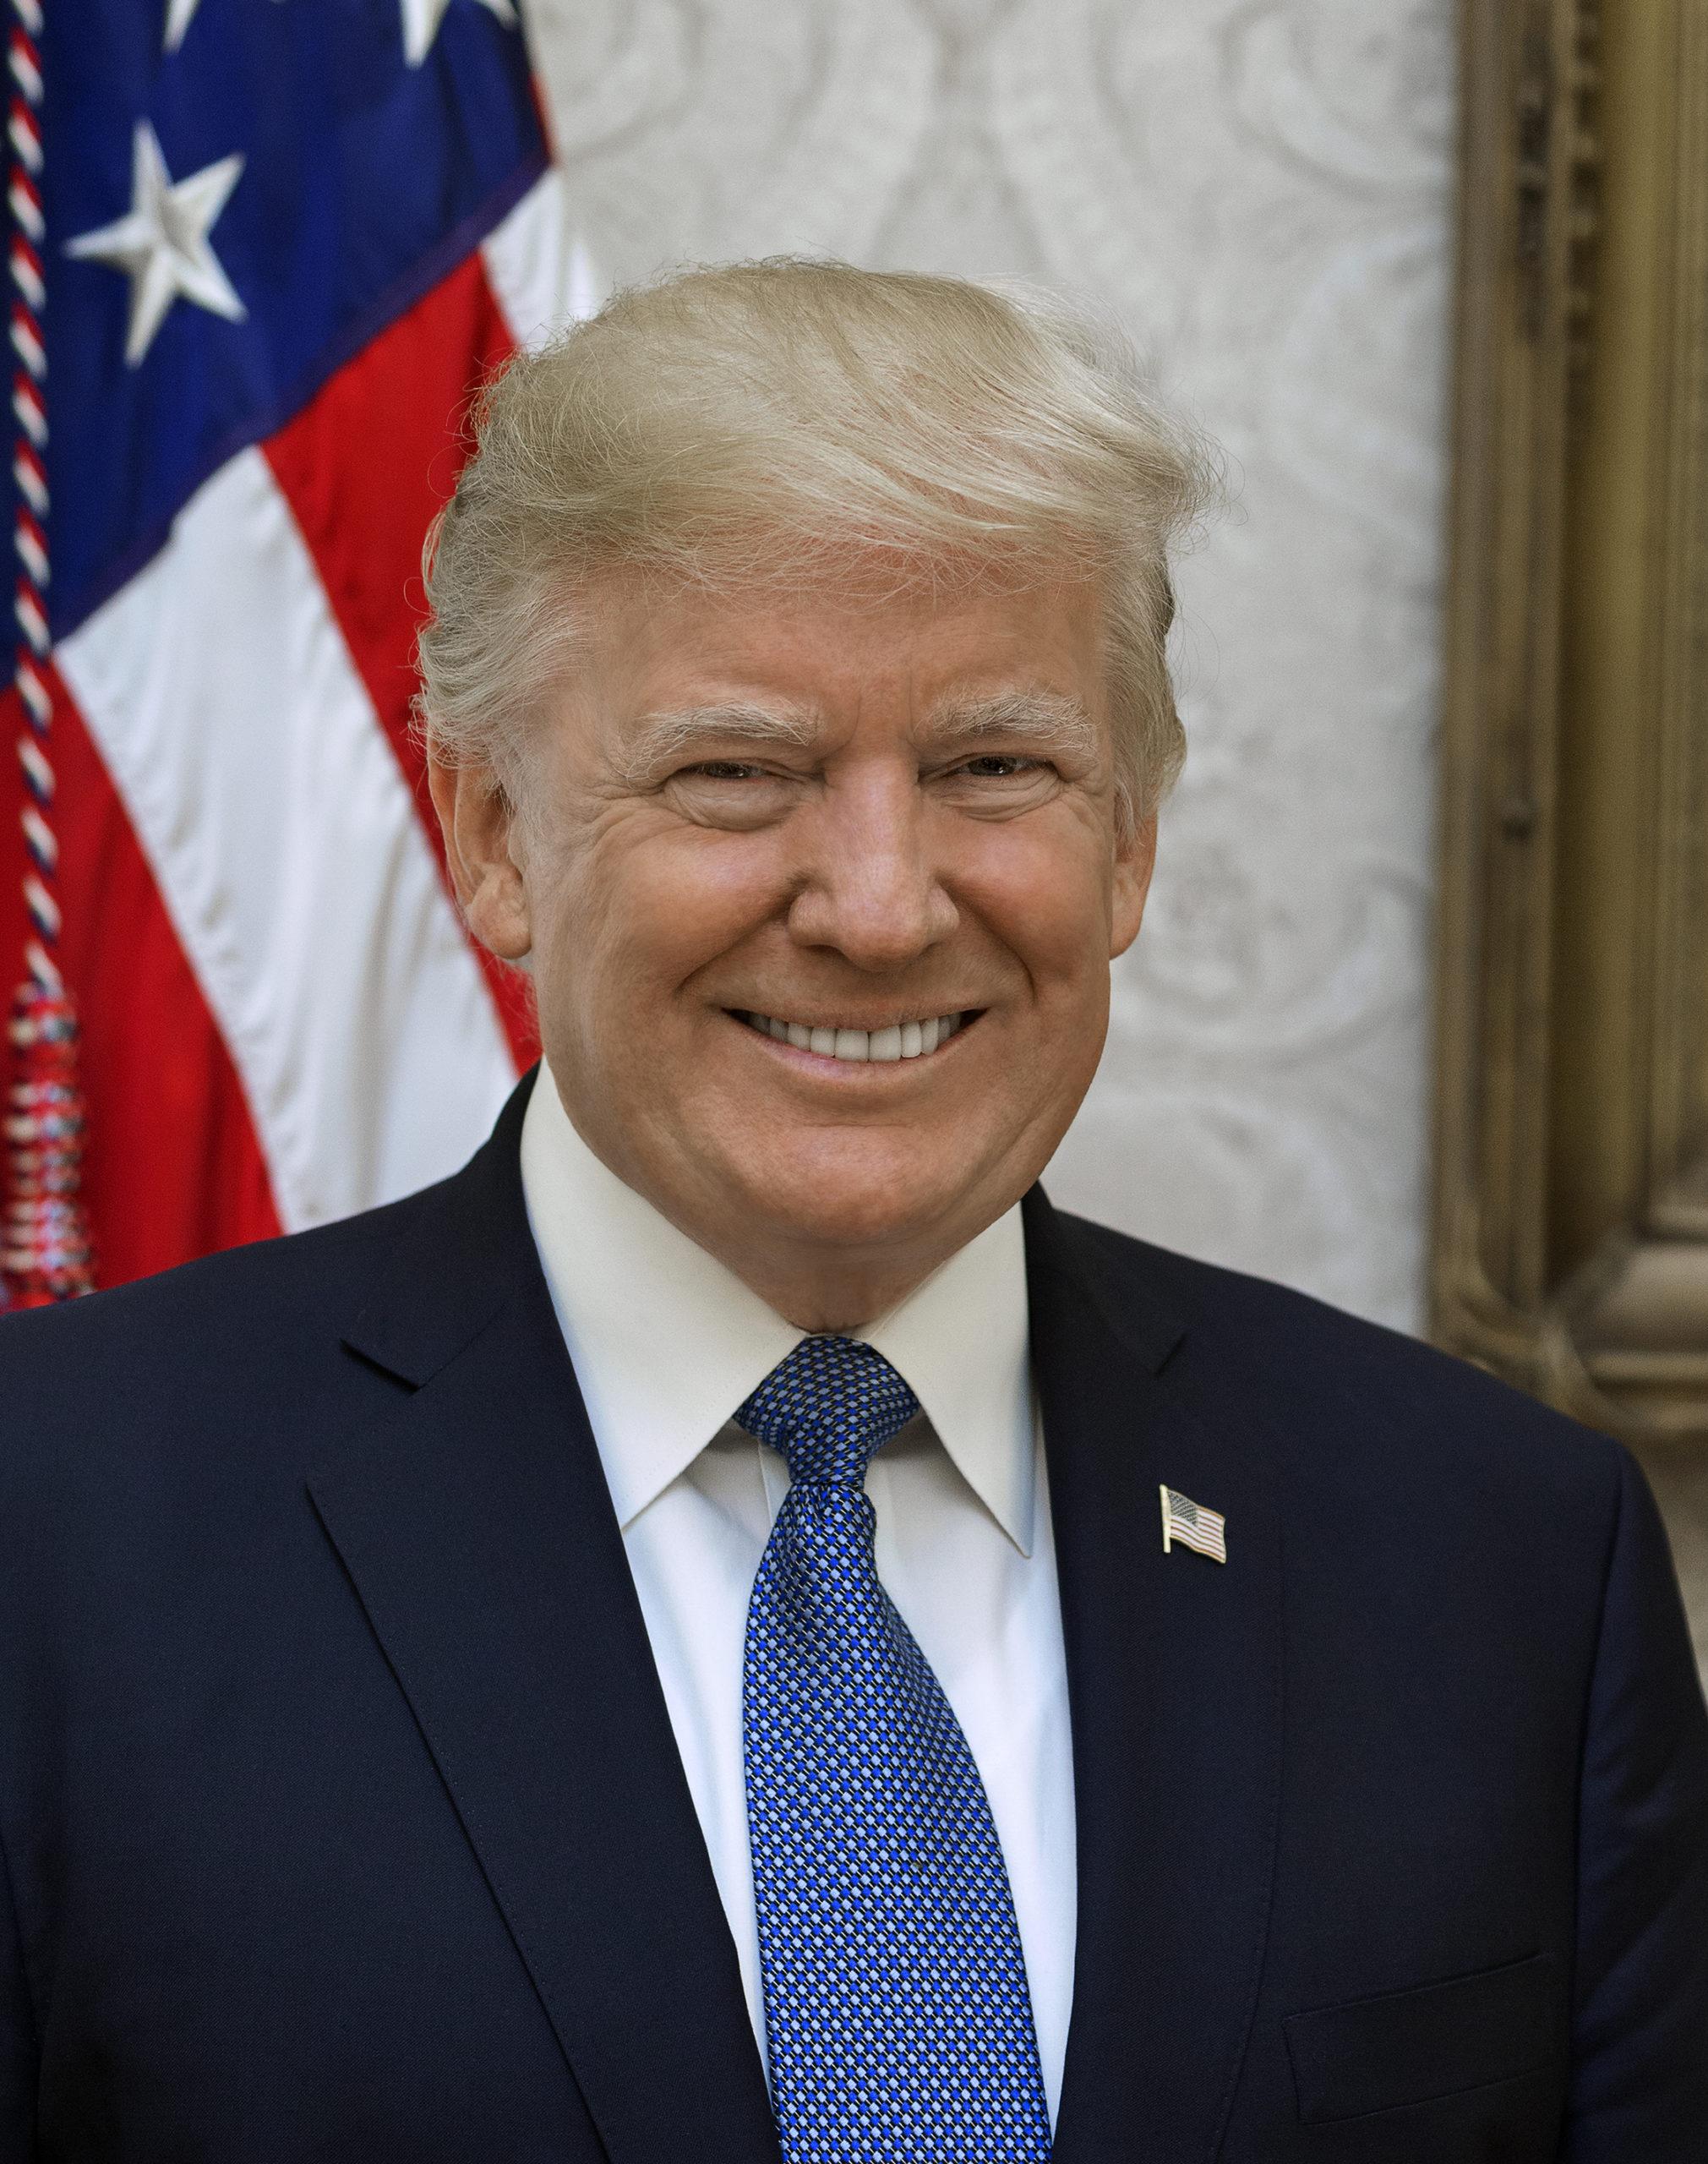 Donald_Trump_official_portrait